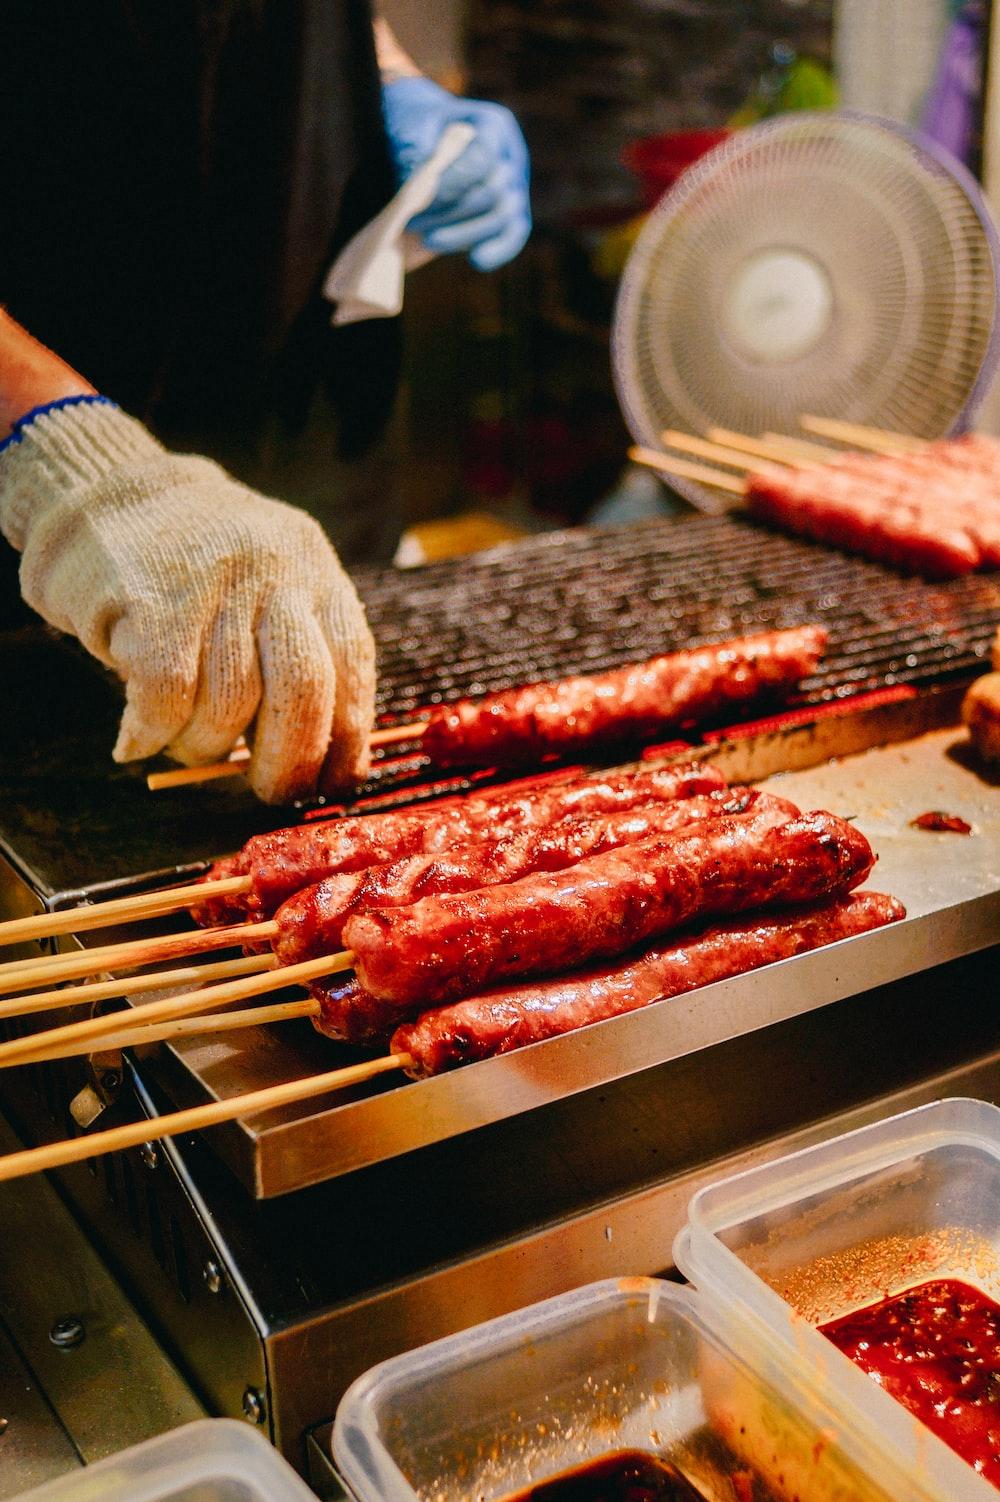 person grilling hotdogs